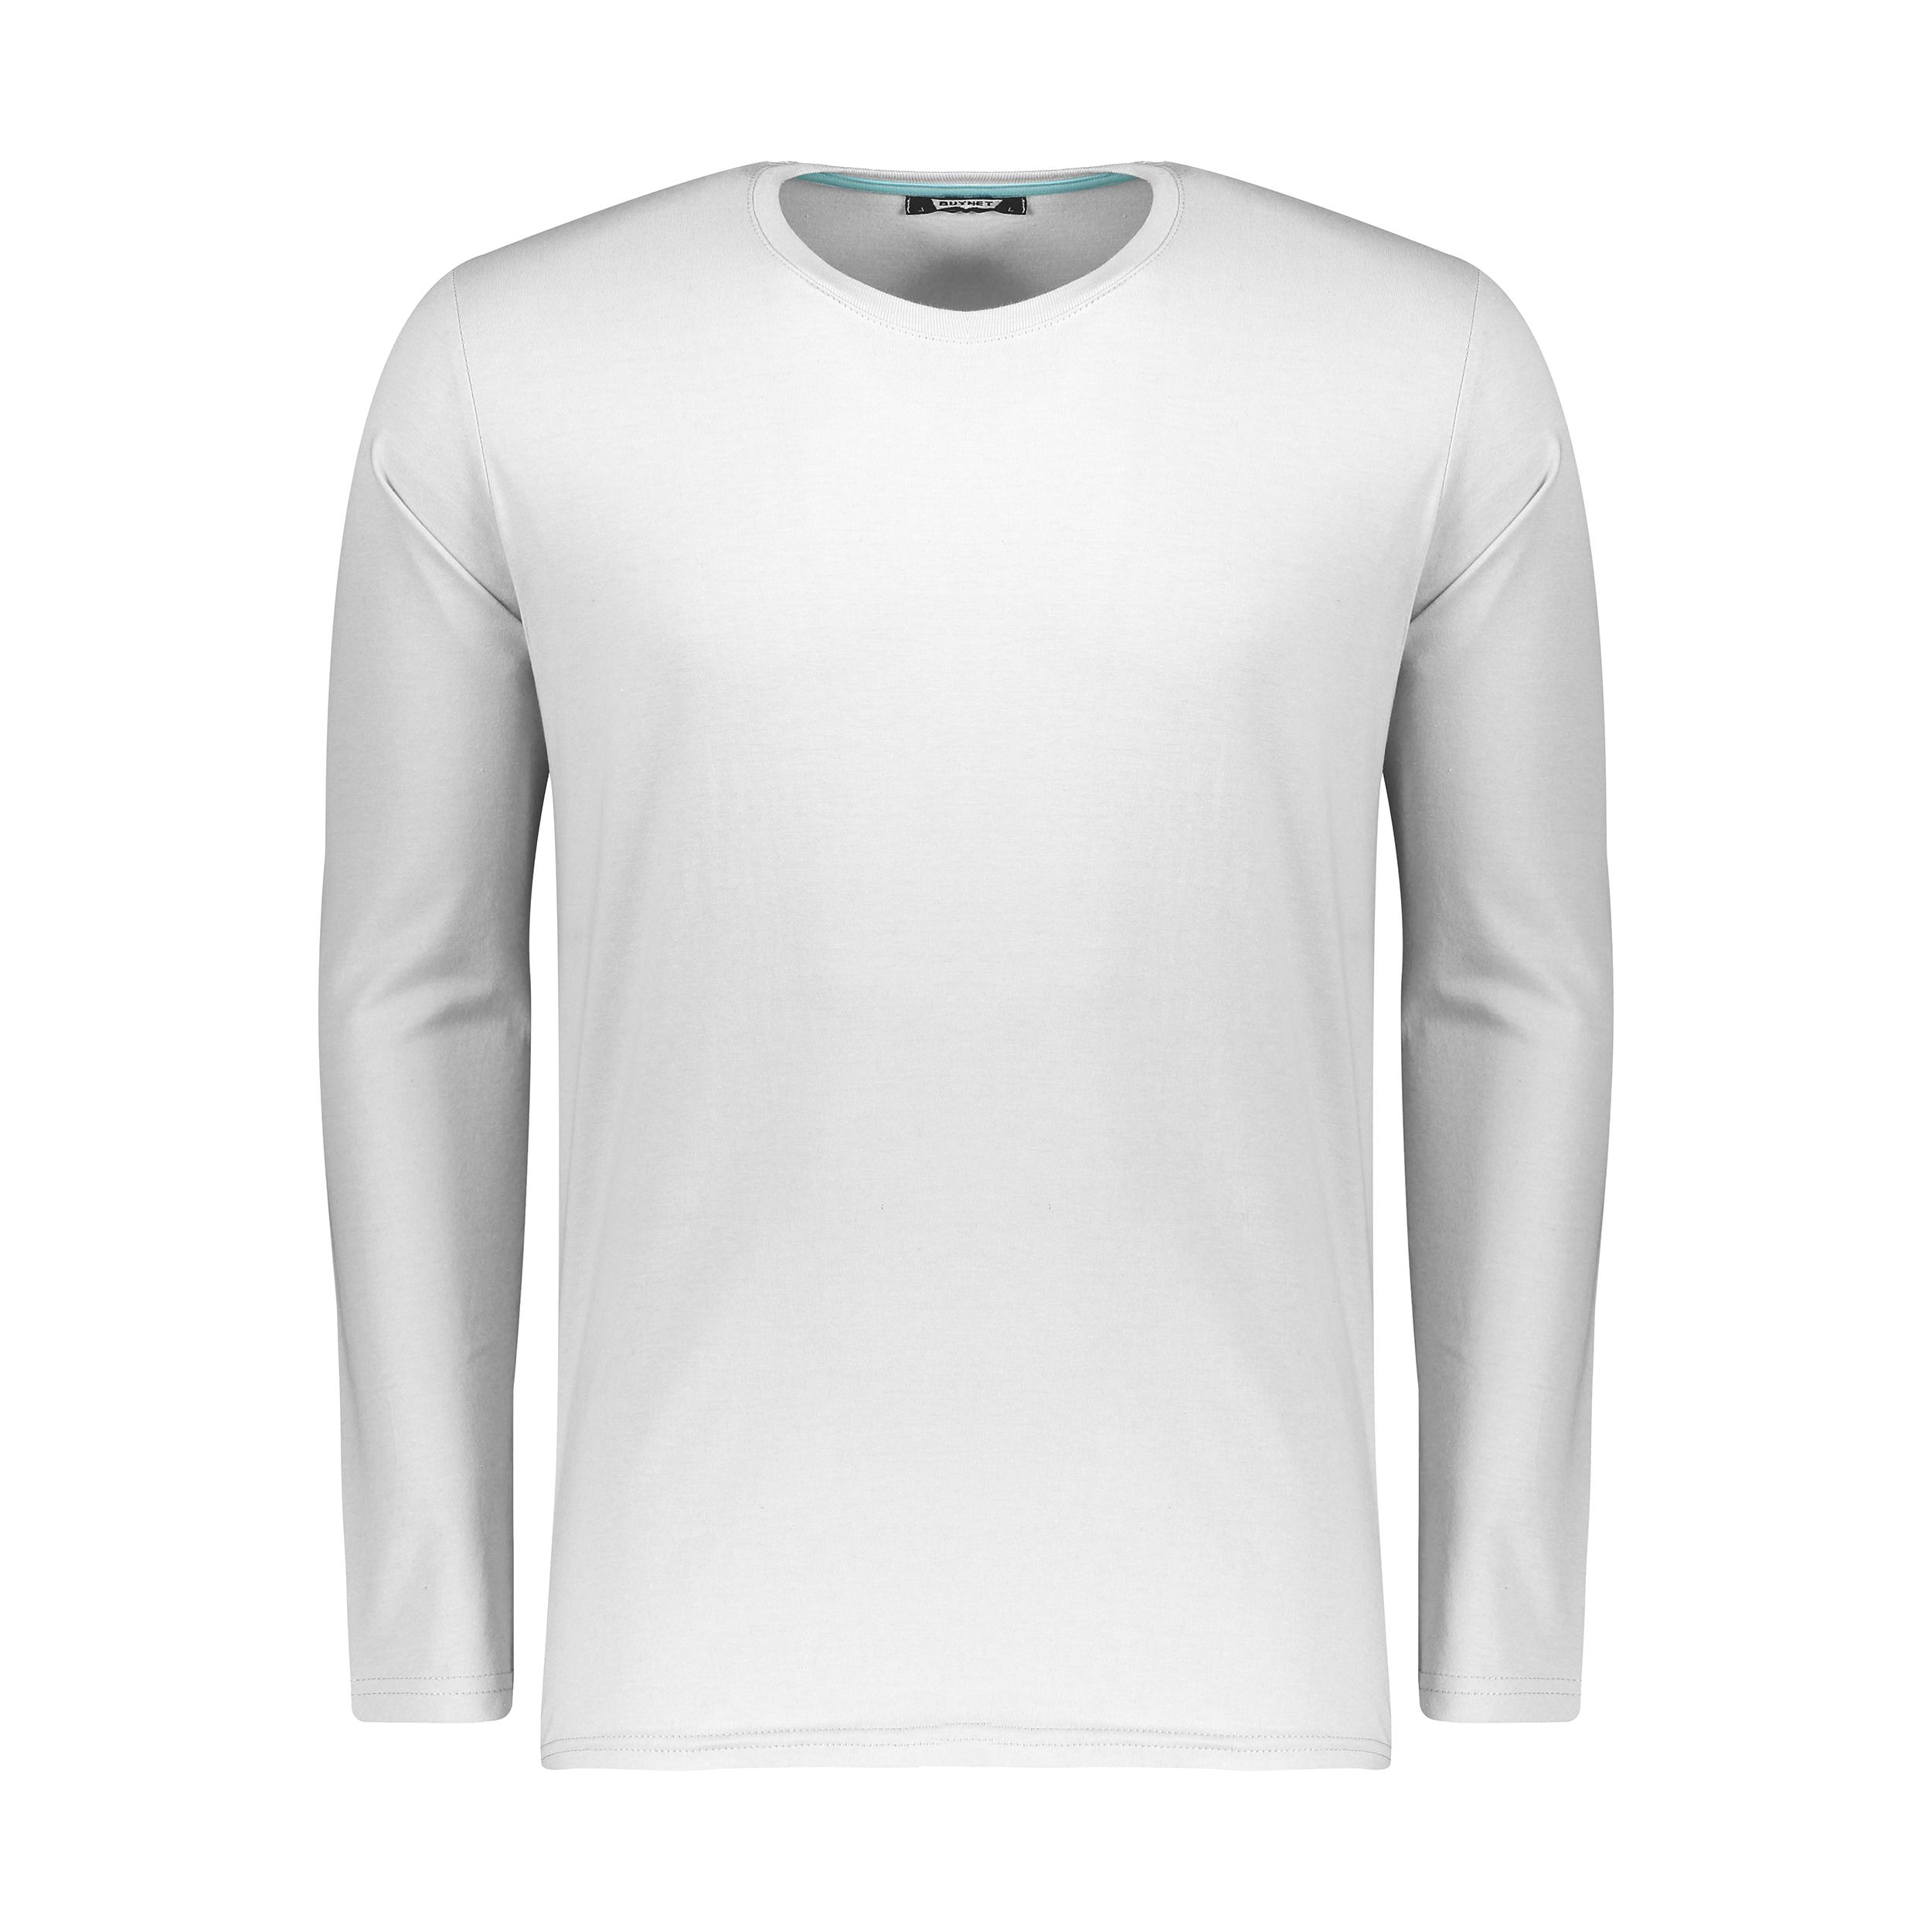 خرید ارزان تی شرت آستین بلند مردانه باینت کد 375-1